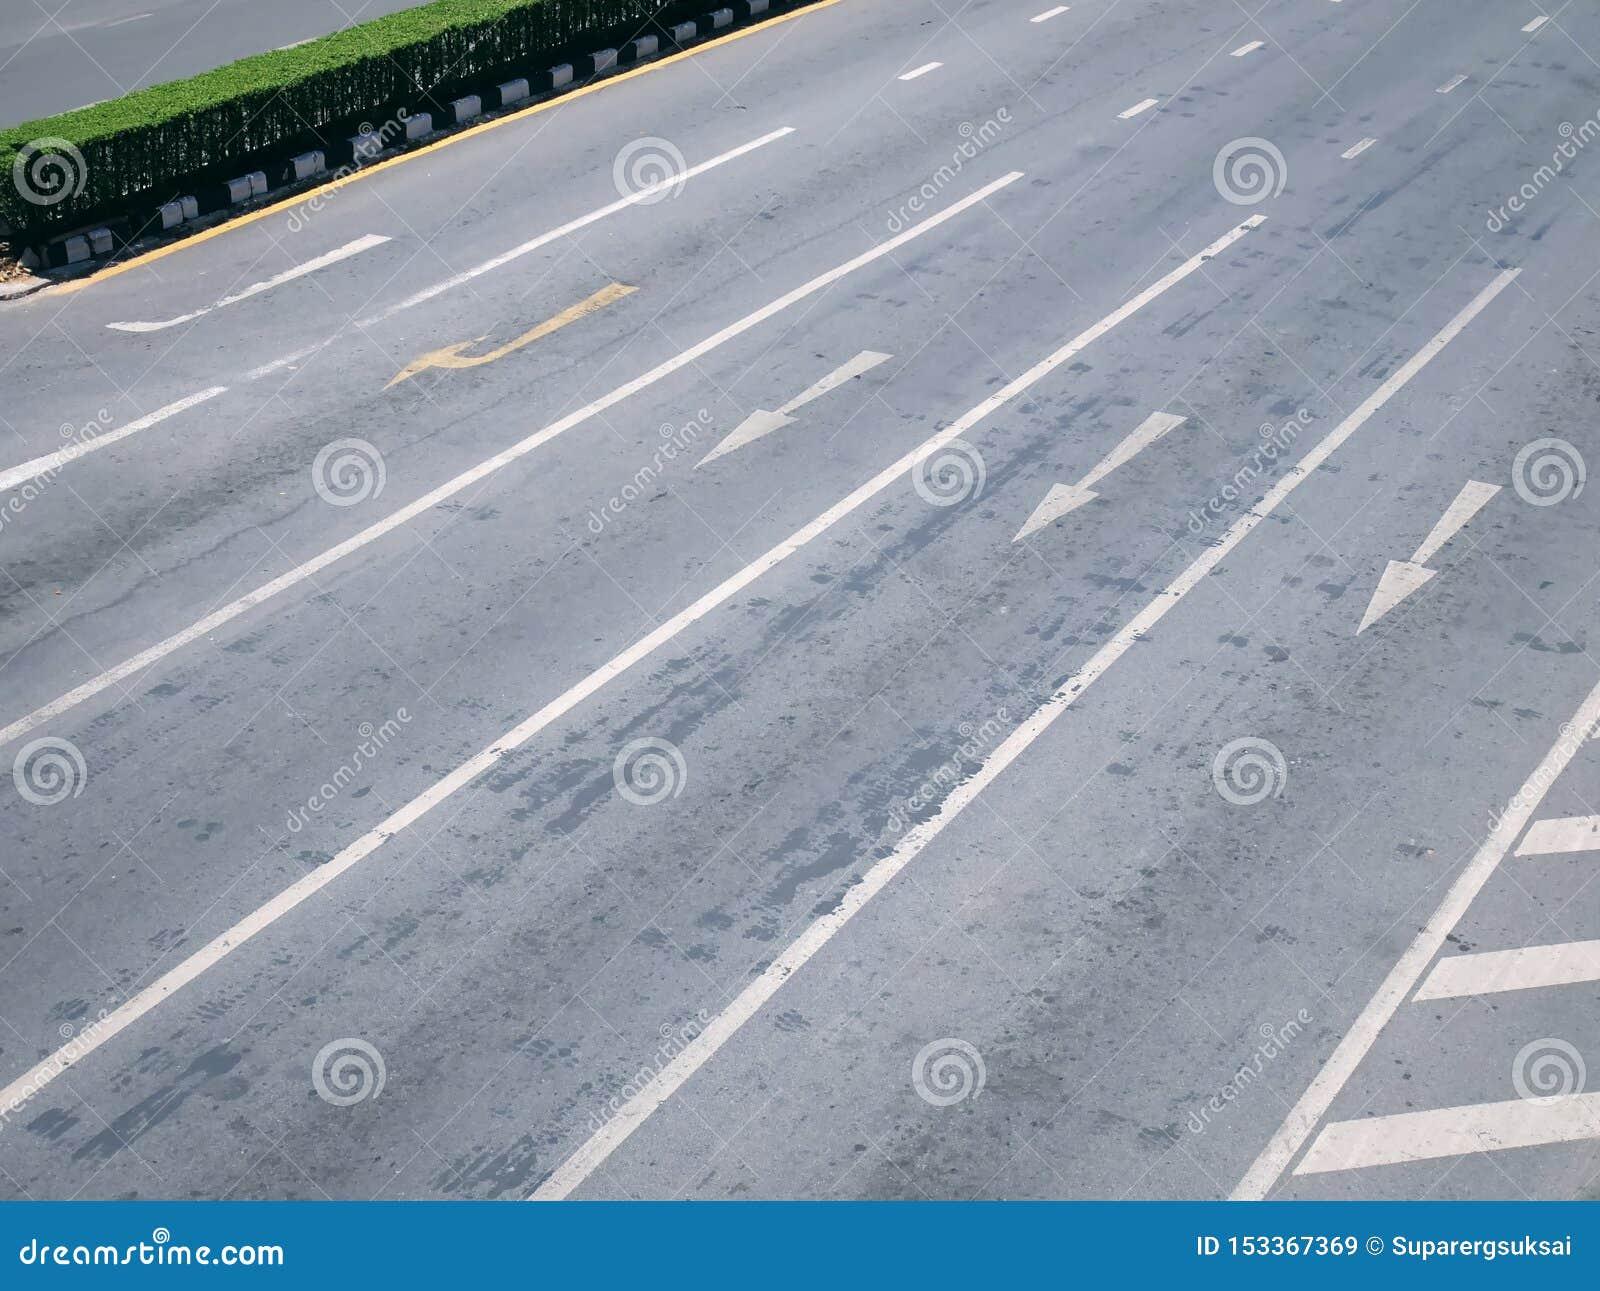 La vue courbe des flèches du trafic de vont directement et tournent la droite sur les ruelles multiples